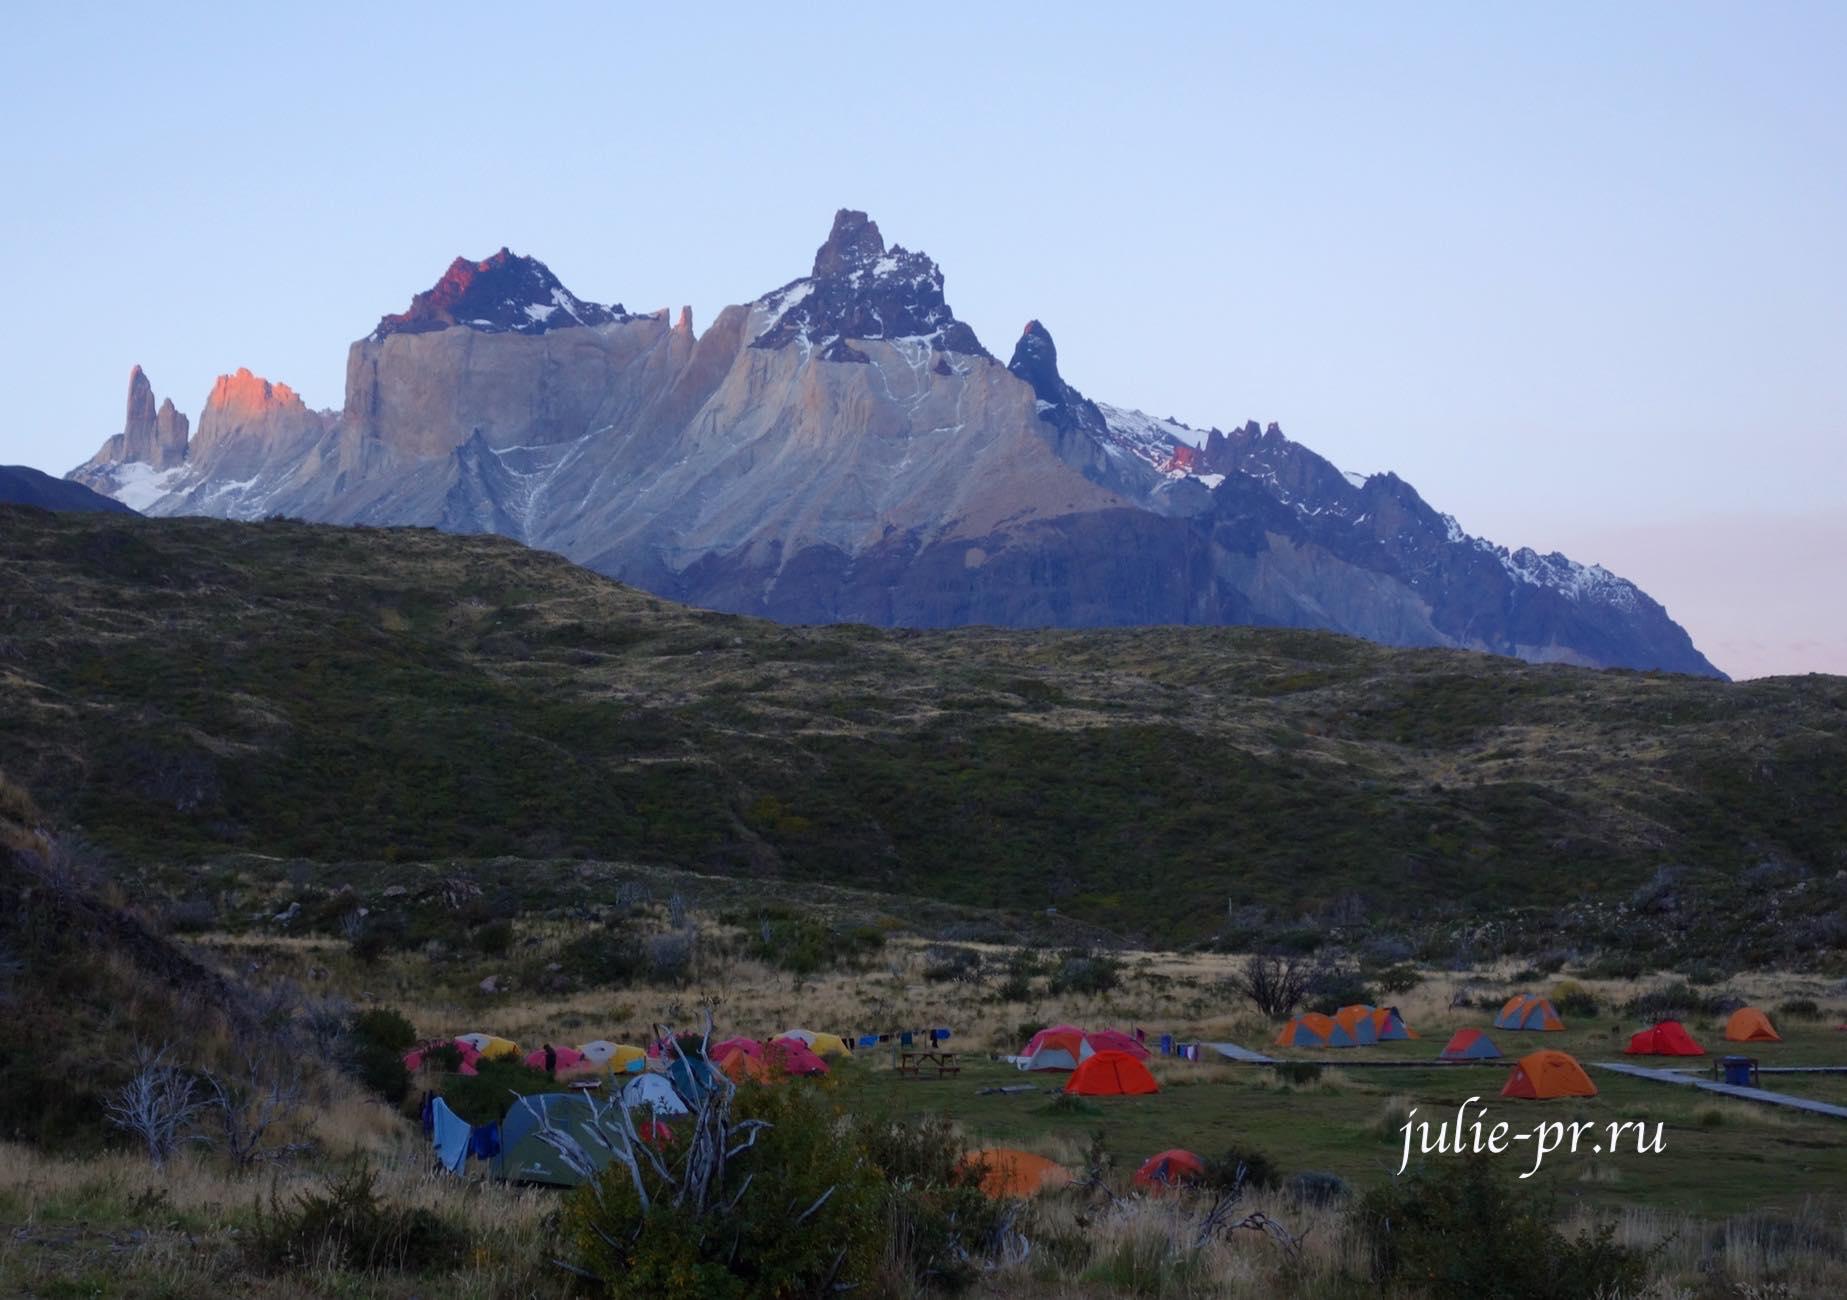 Чили, Патагония, Туристический лагерь в национальном парке Торрес-дель-Пайне